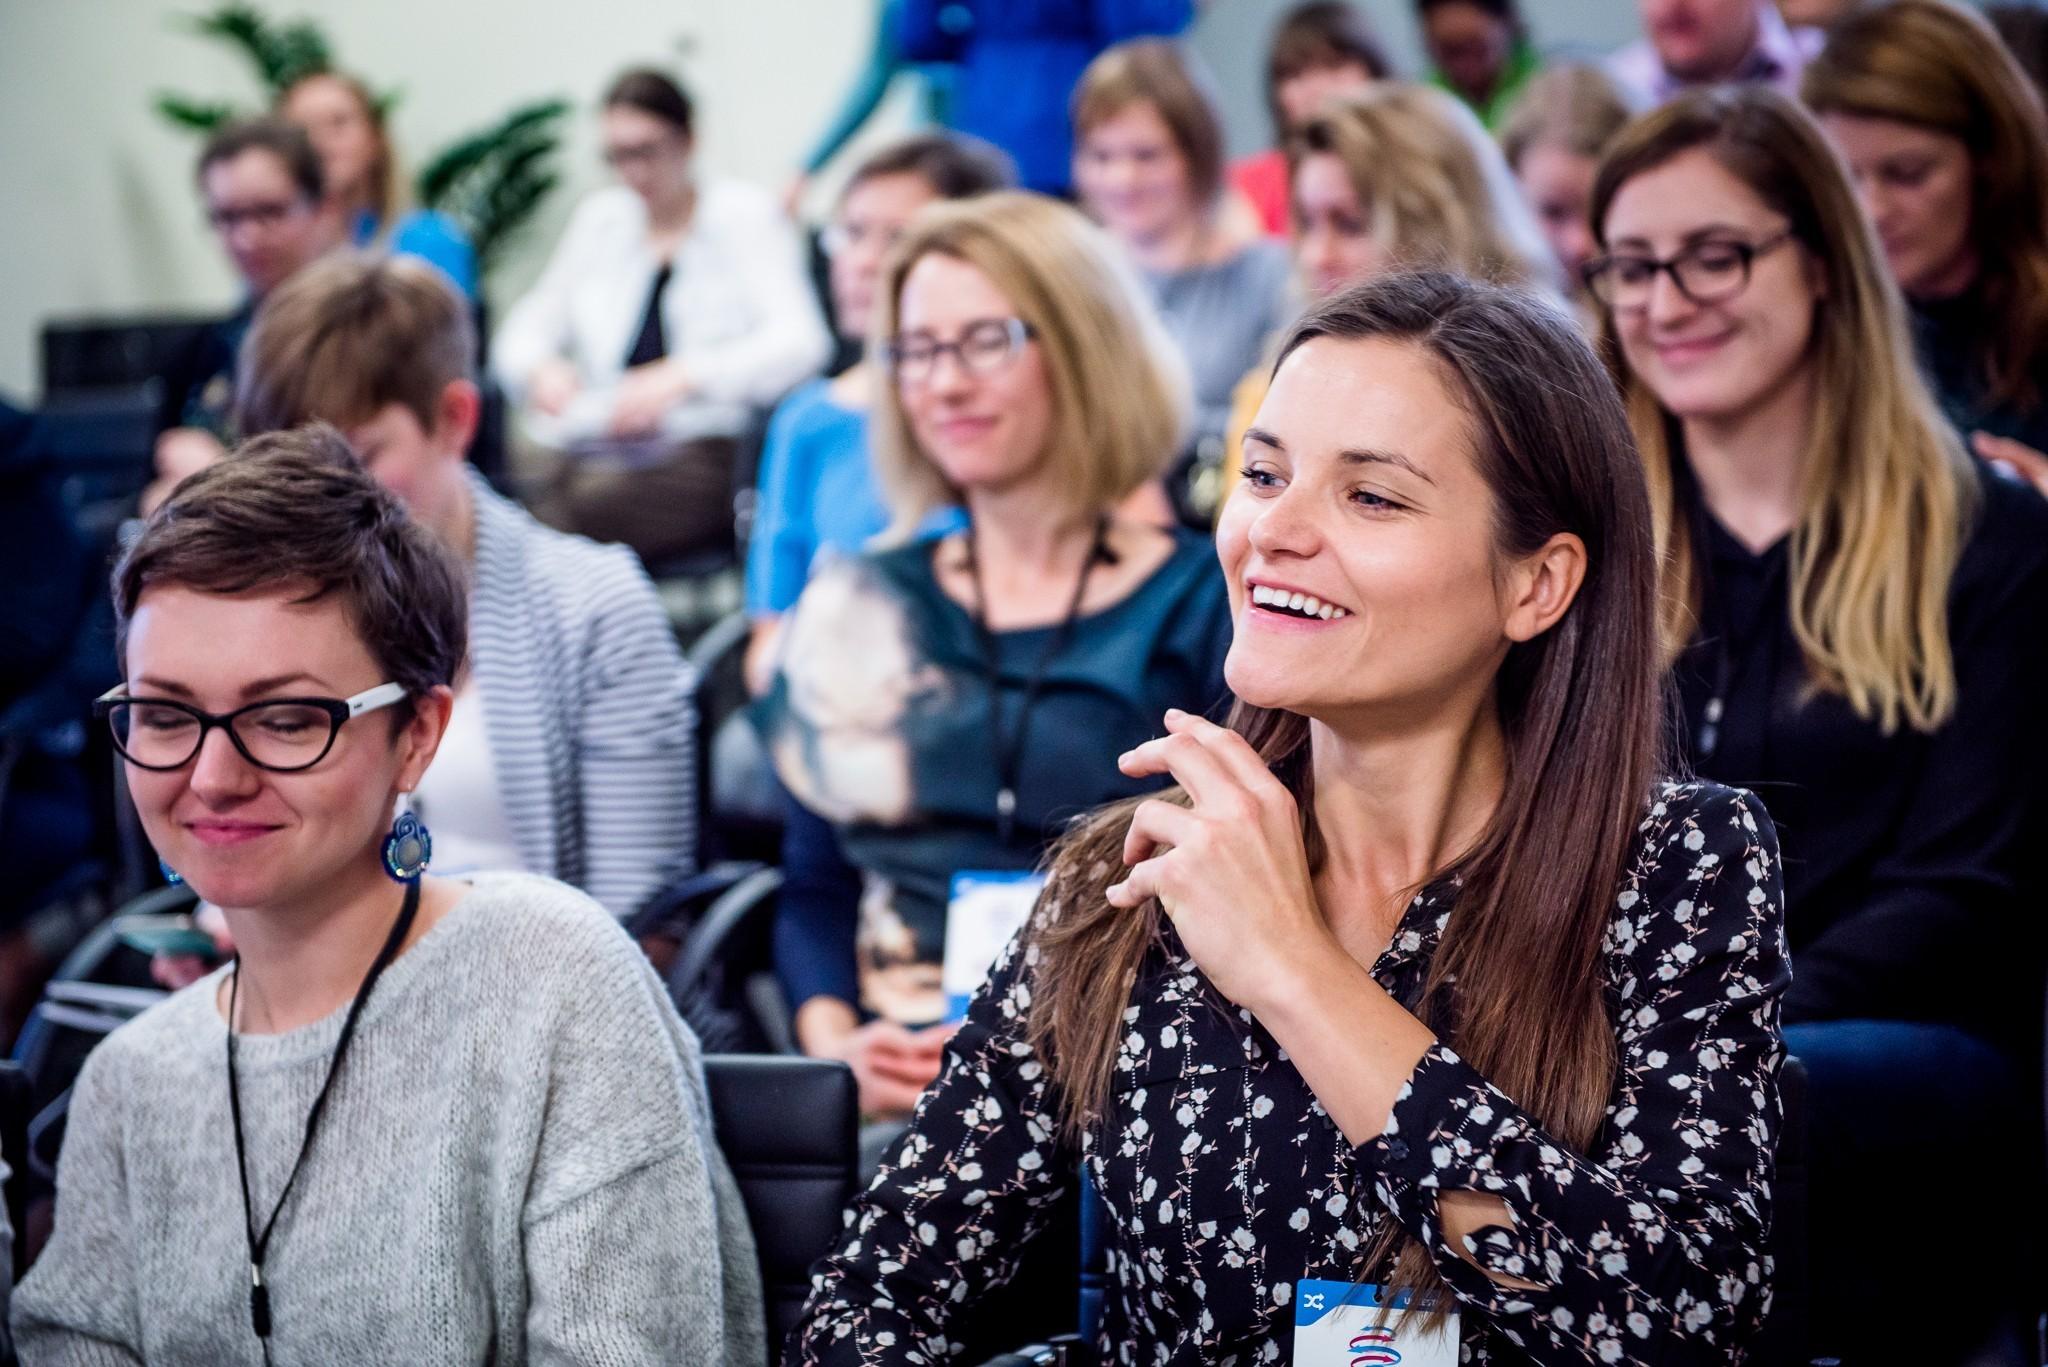 konferencja-strefa-zmian-zycie-osobiste-edycja-iv